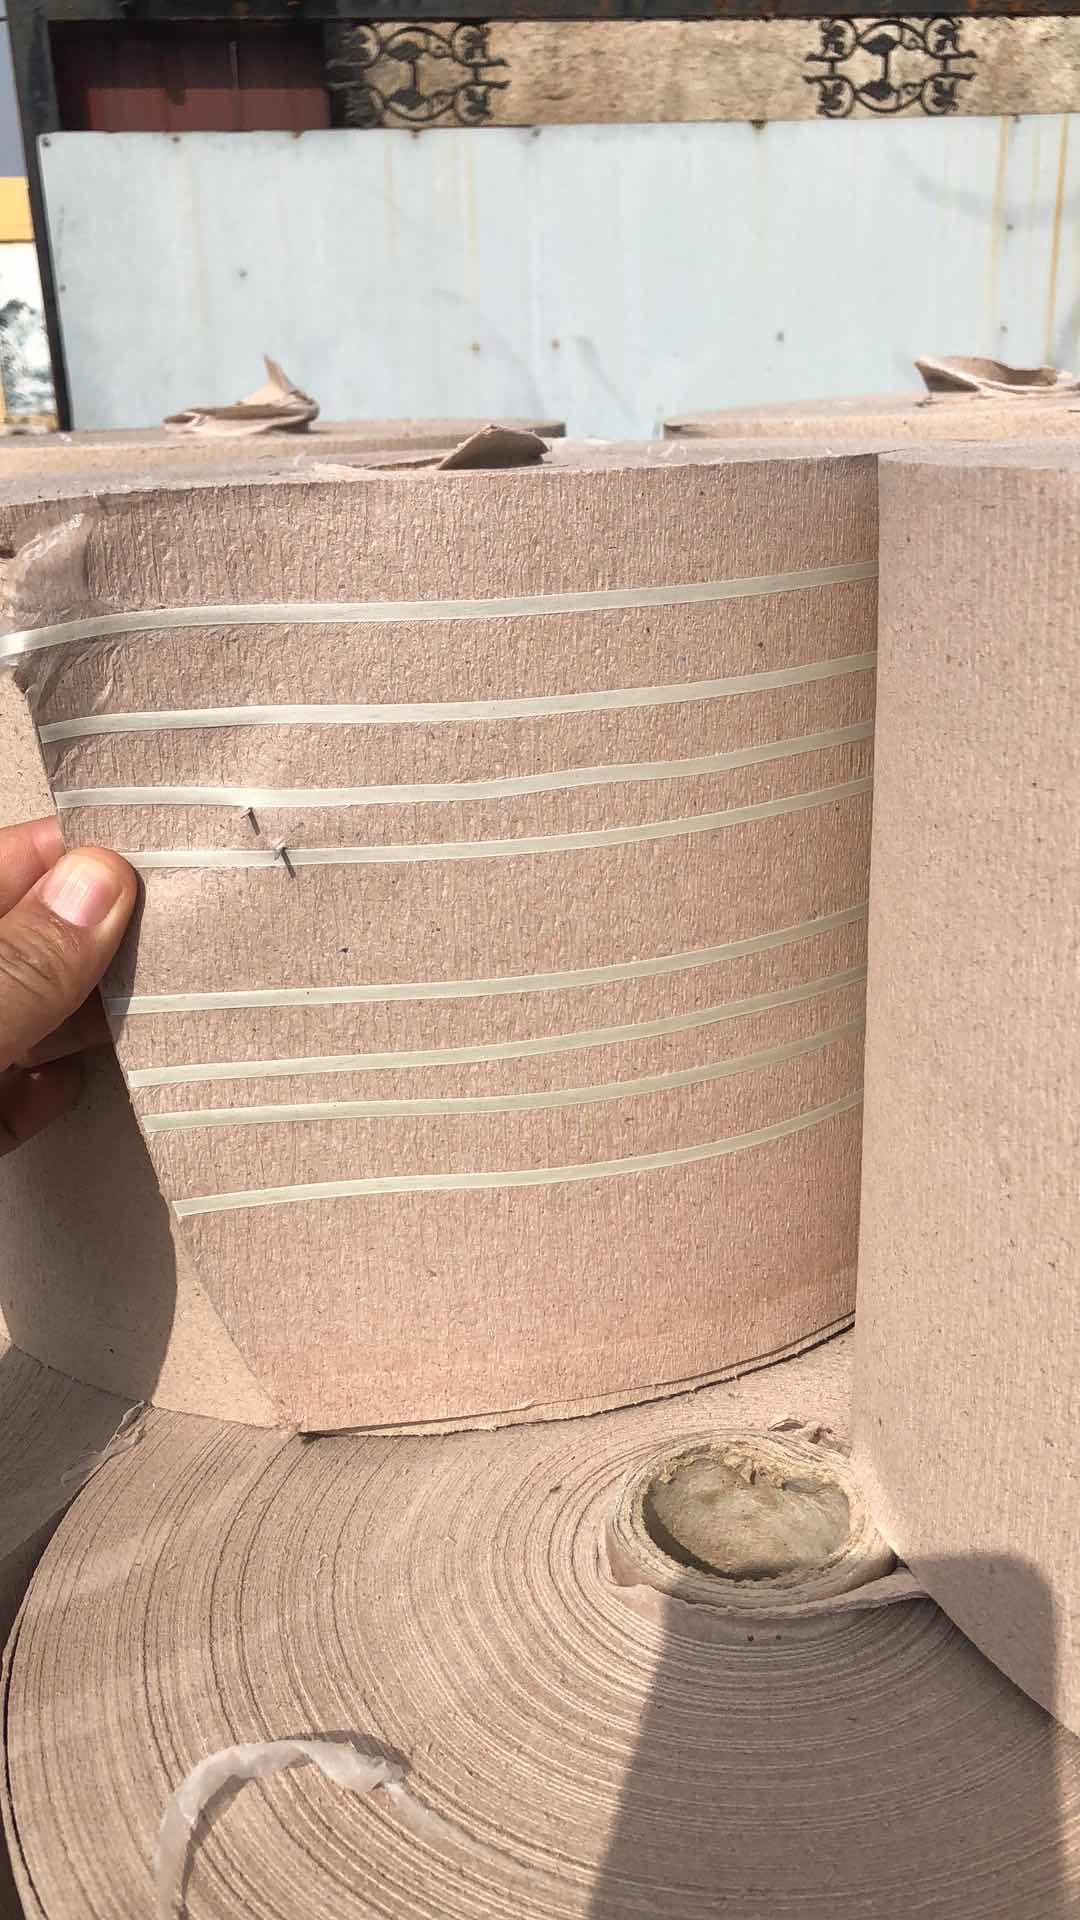 铝材包装纸-哪里买实用的铝材包装纸